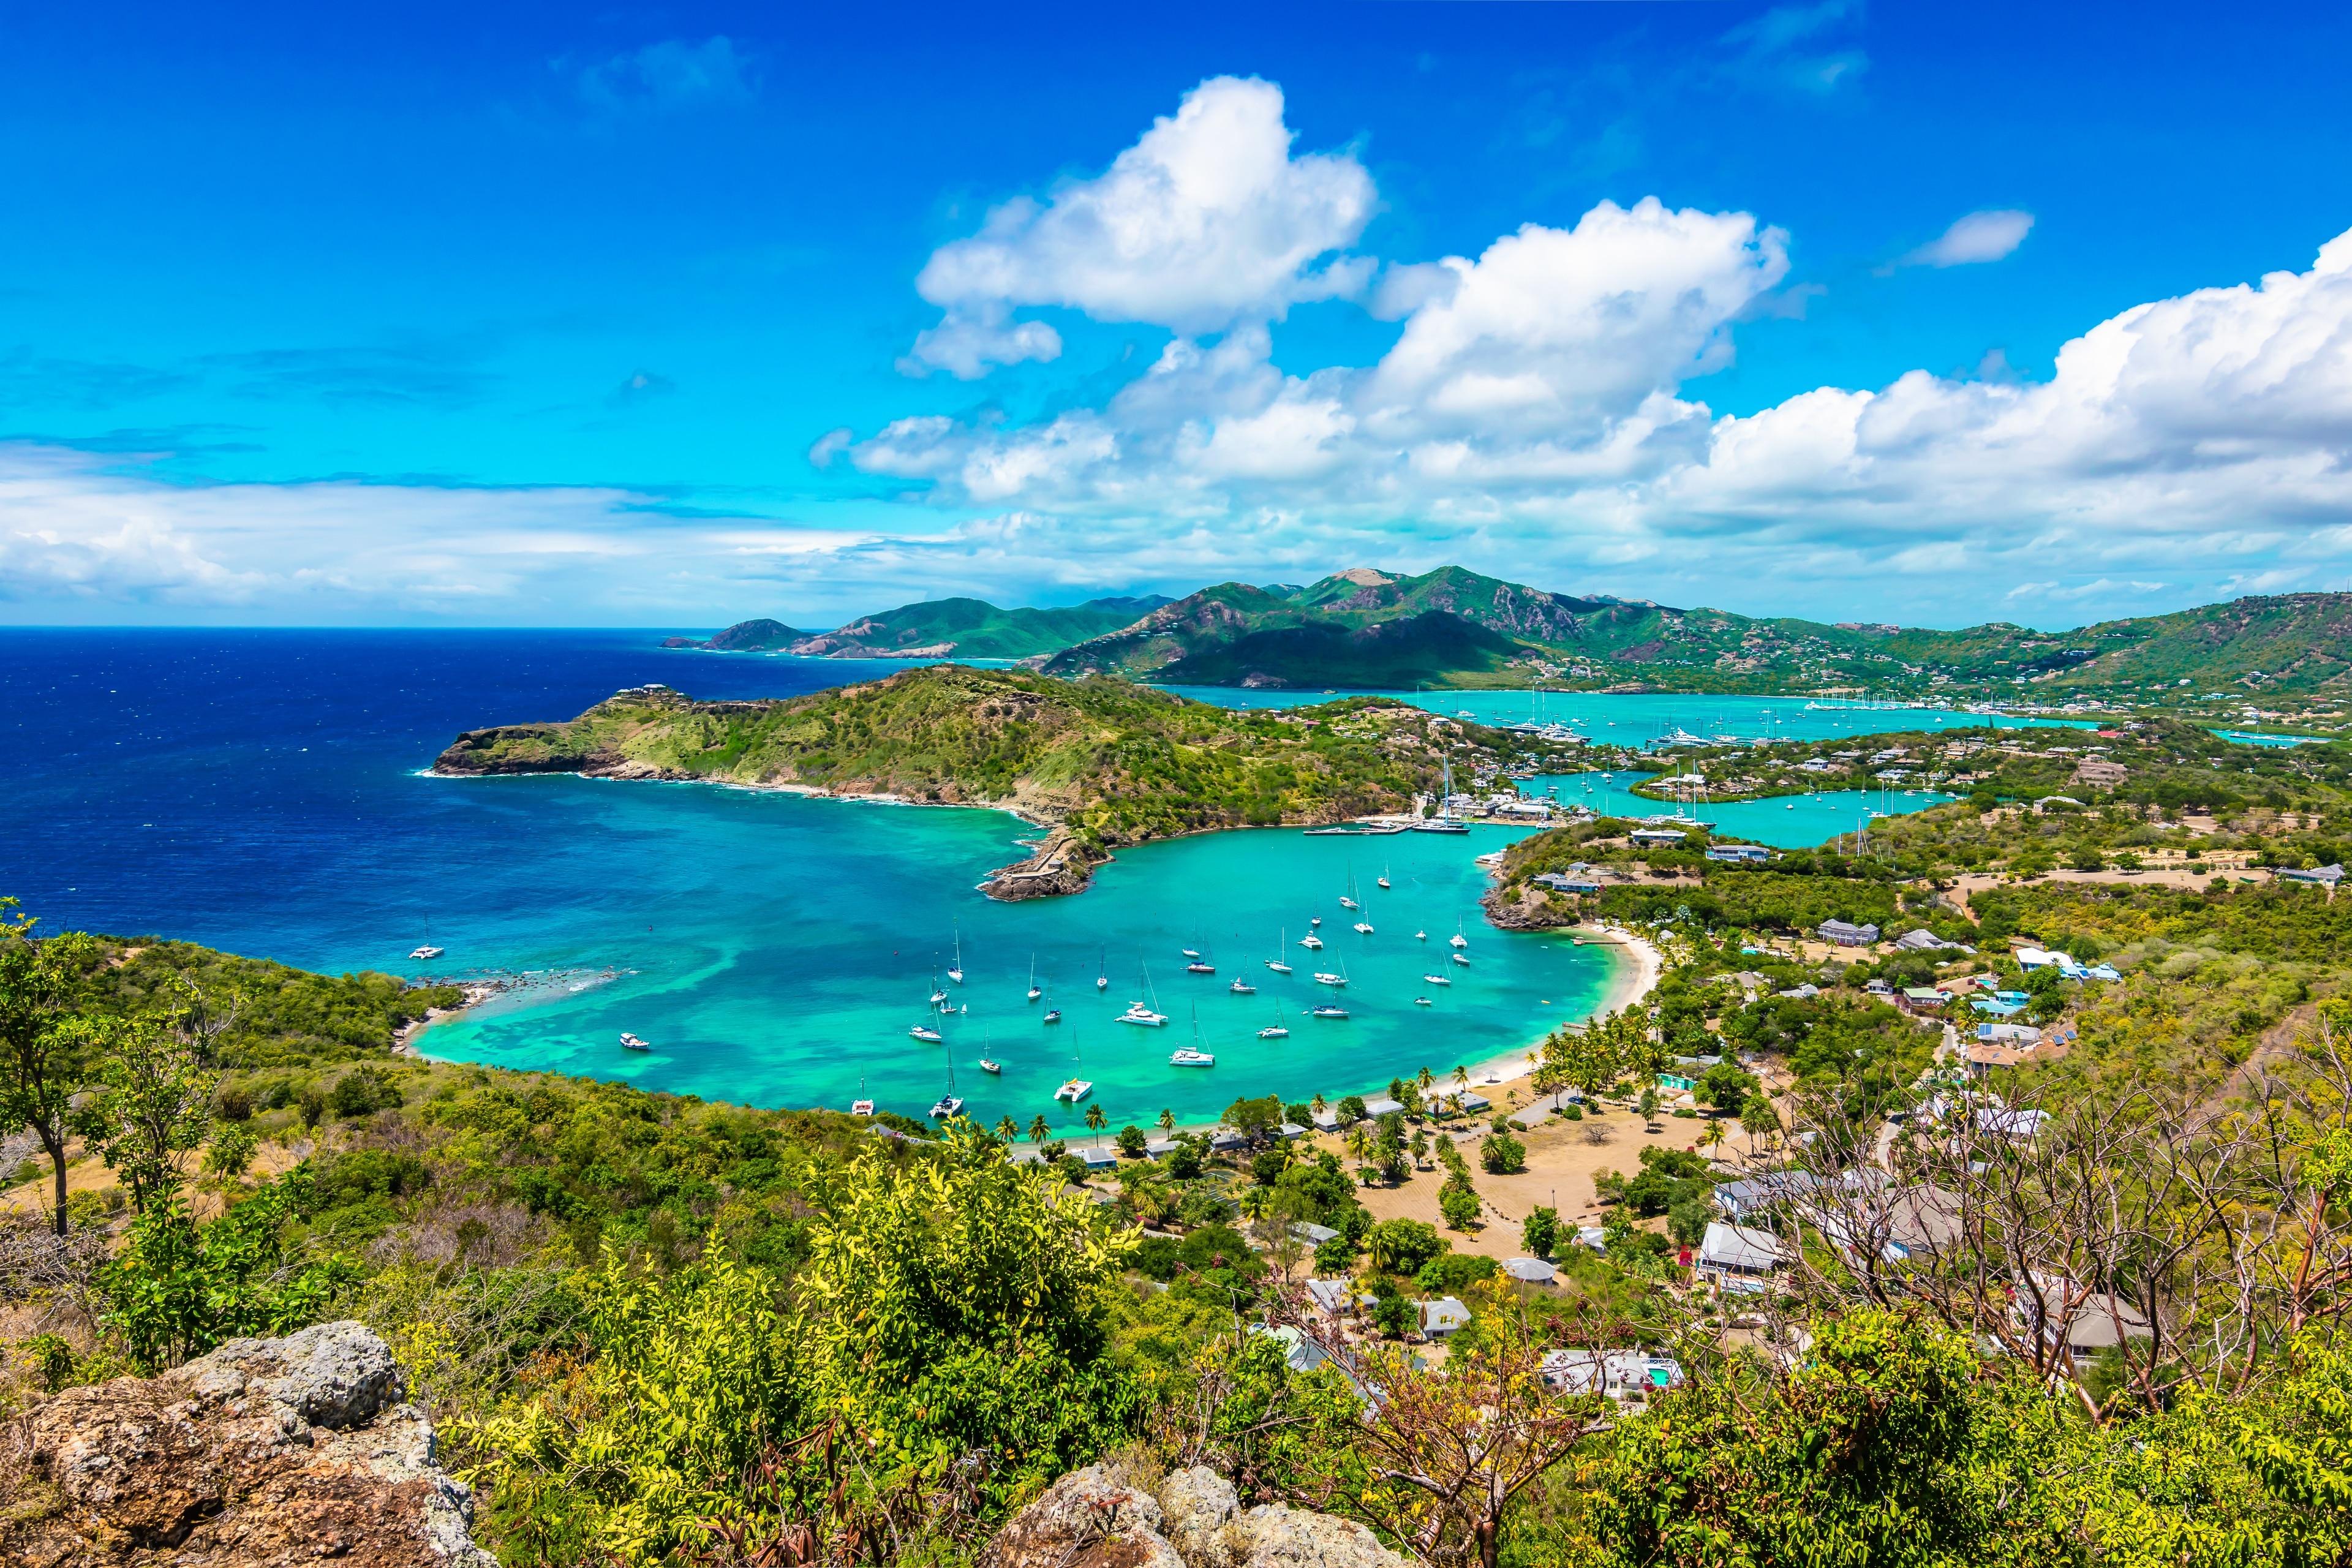 Falmouth Harbour, Saint Paul, Antigua and Barbuda